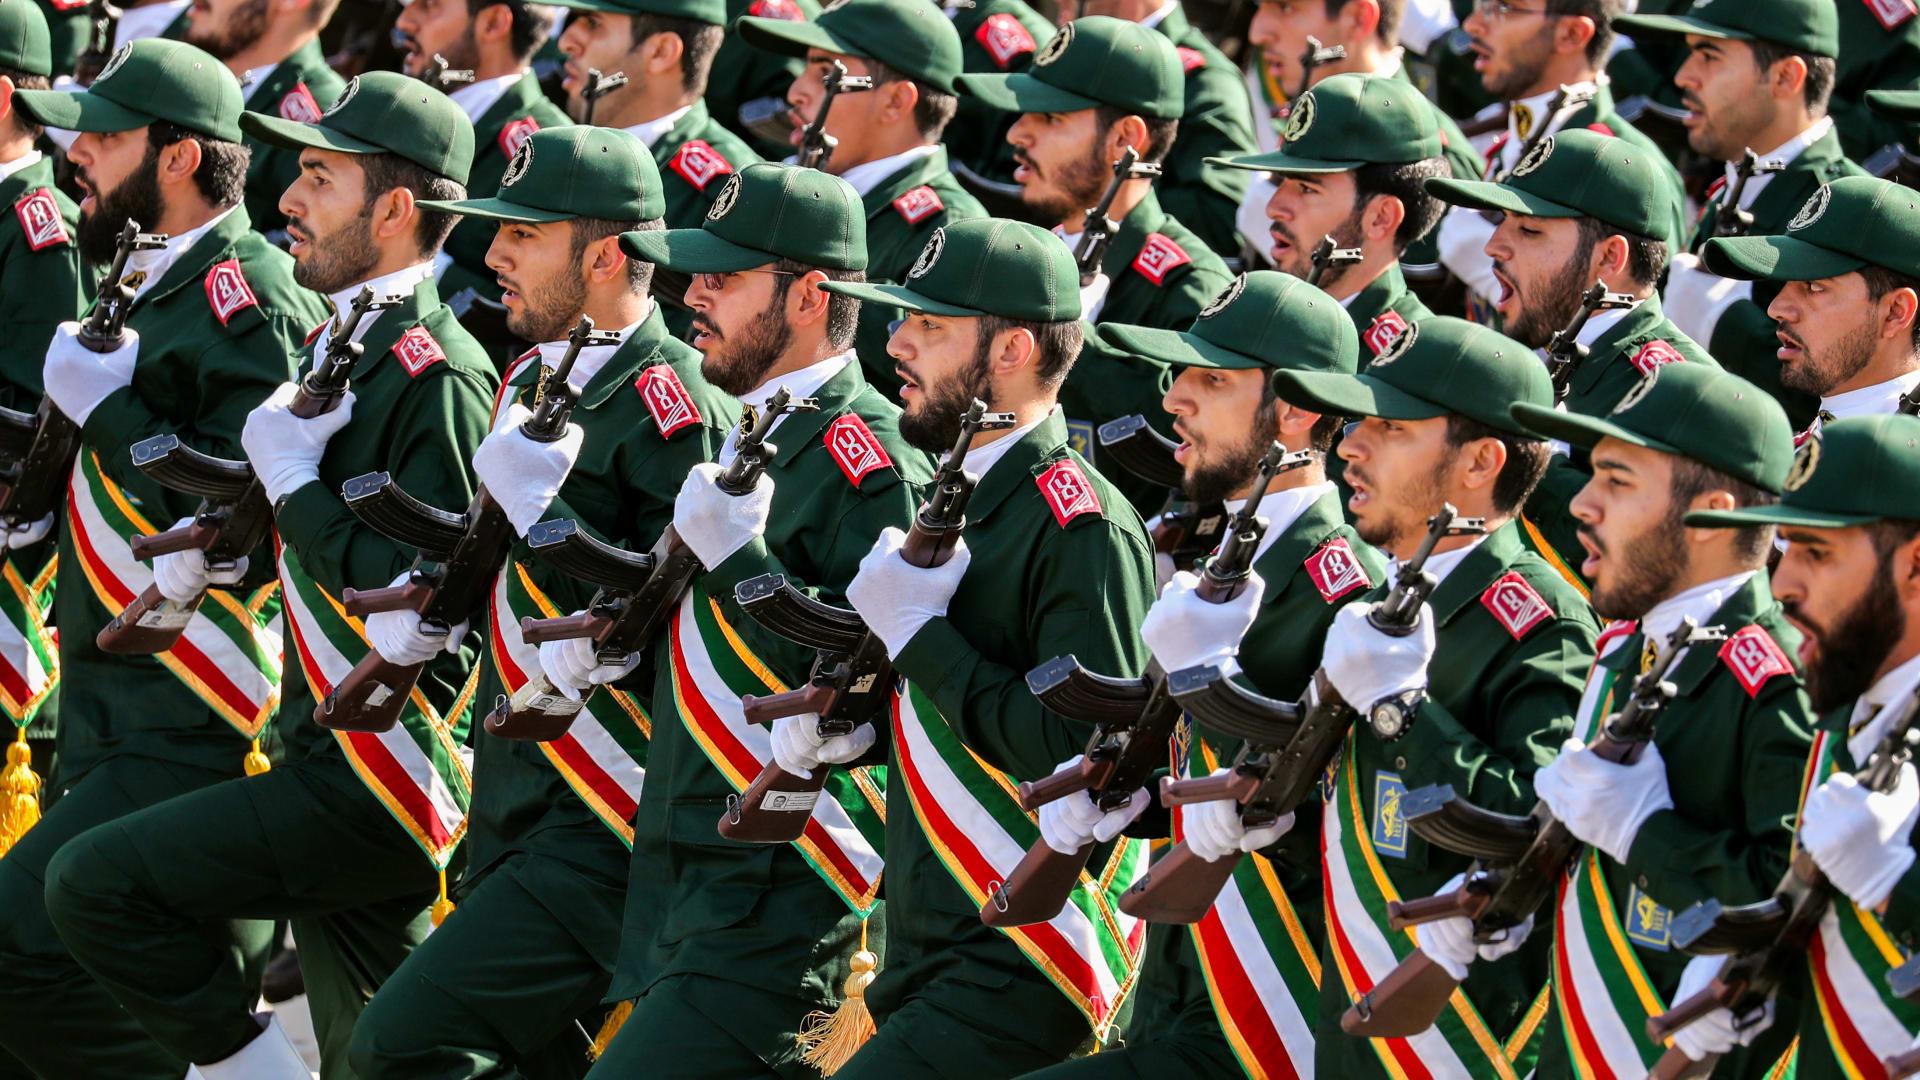 الخارجية الأمريكية: نعتقد أن خاطفي السفينة قبيل سواحل الإمارات إيرانيون